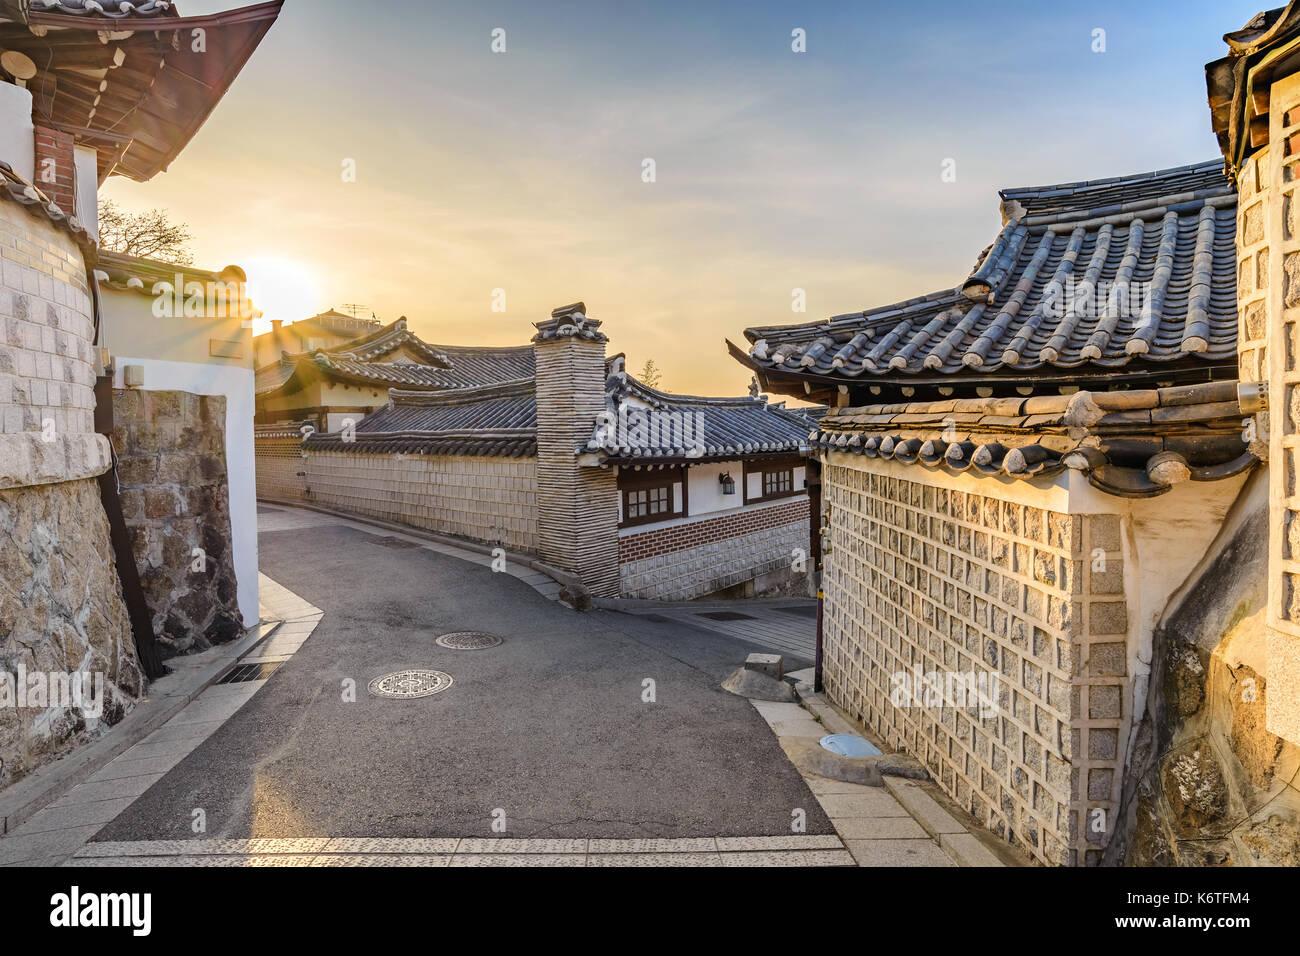 Seul sunrise skyline della città presso il villaggio di Bukchon Hanok, Seoul, Corea del Sud Immagini Stock